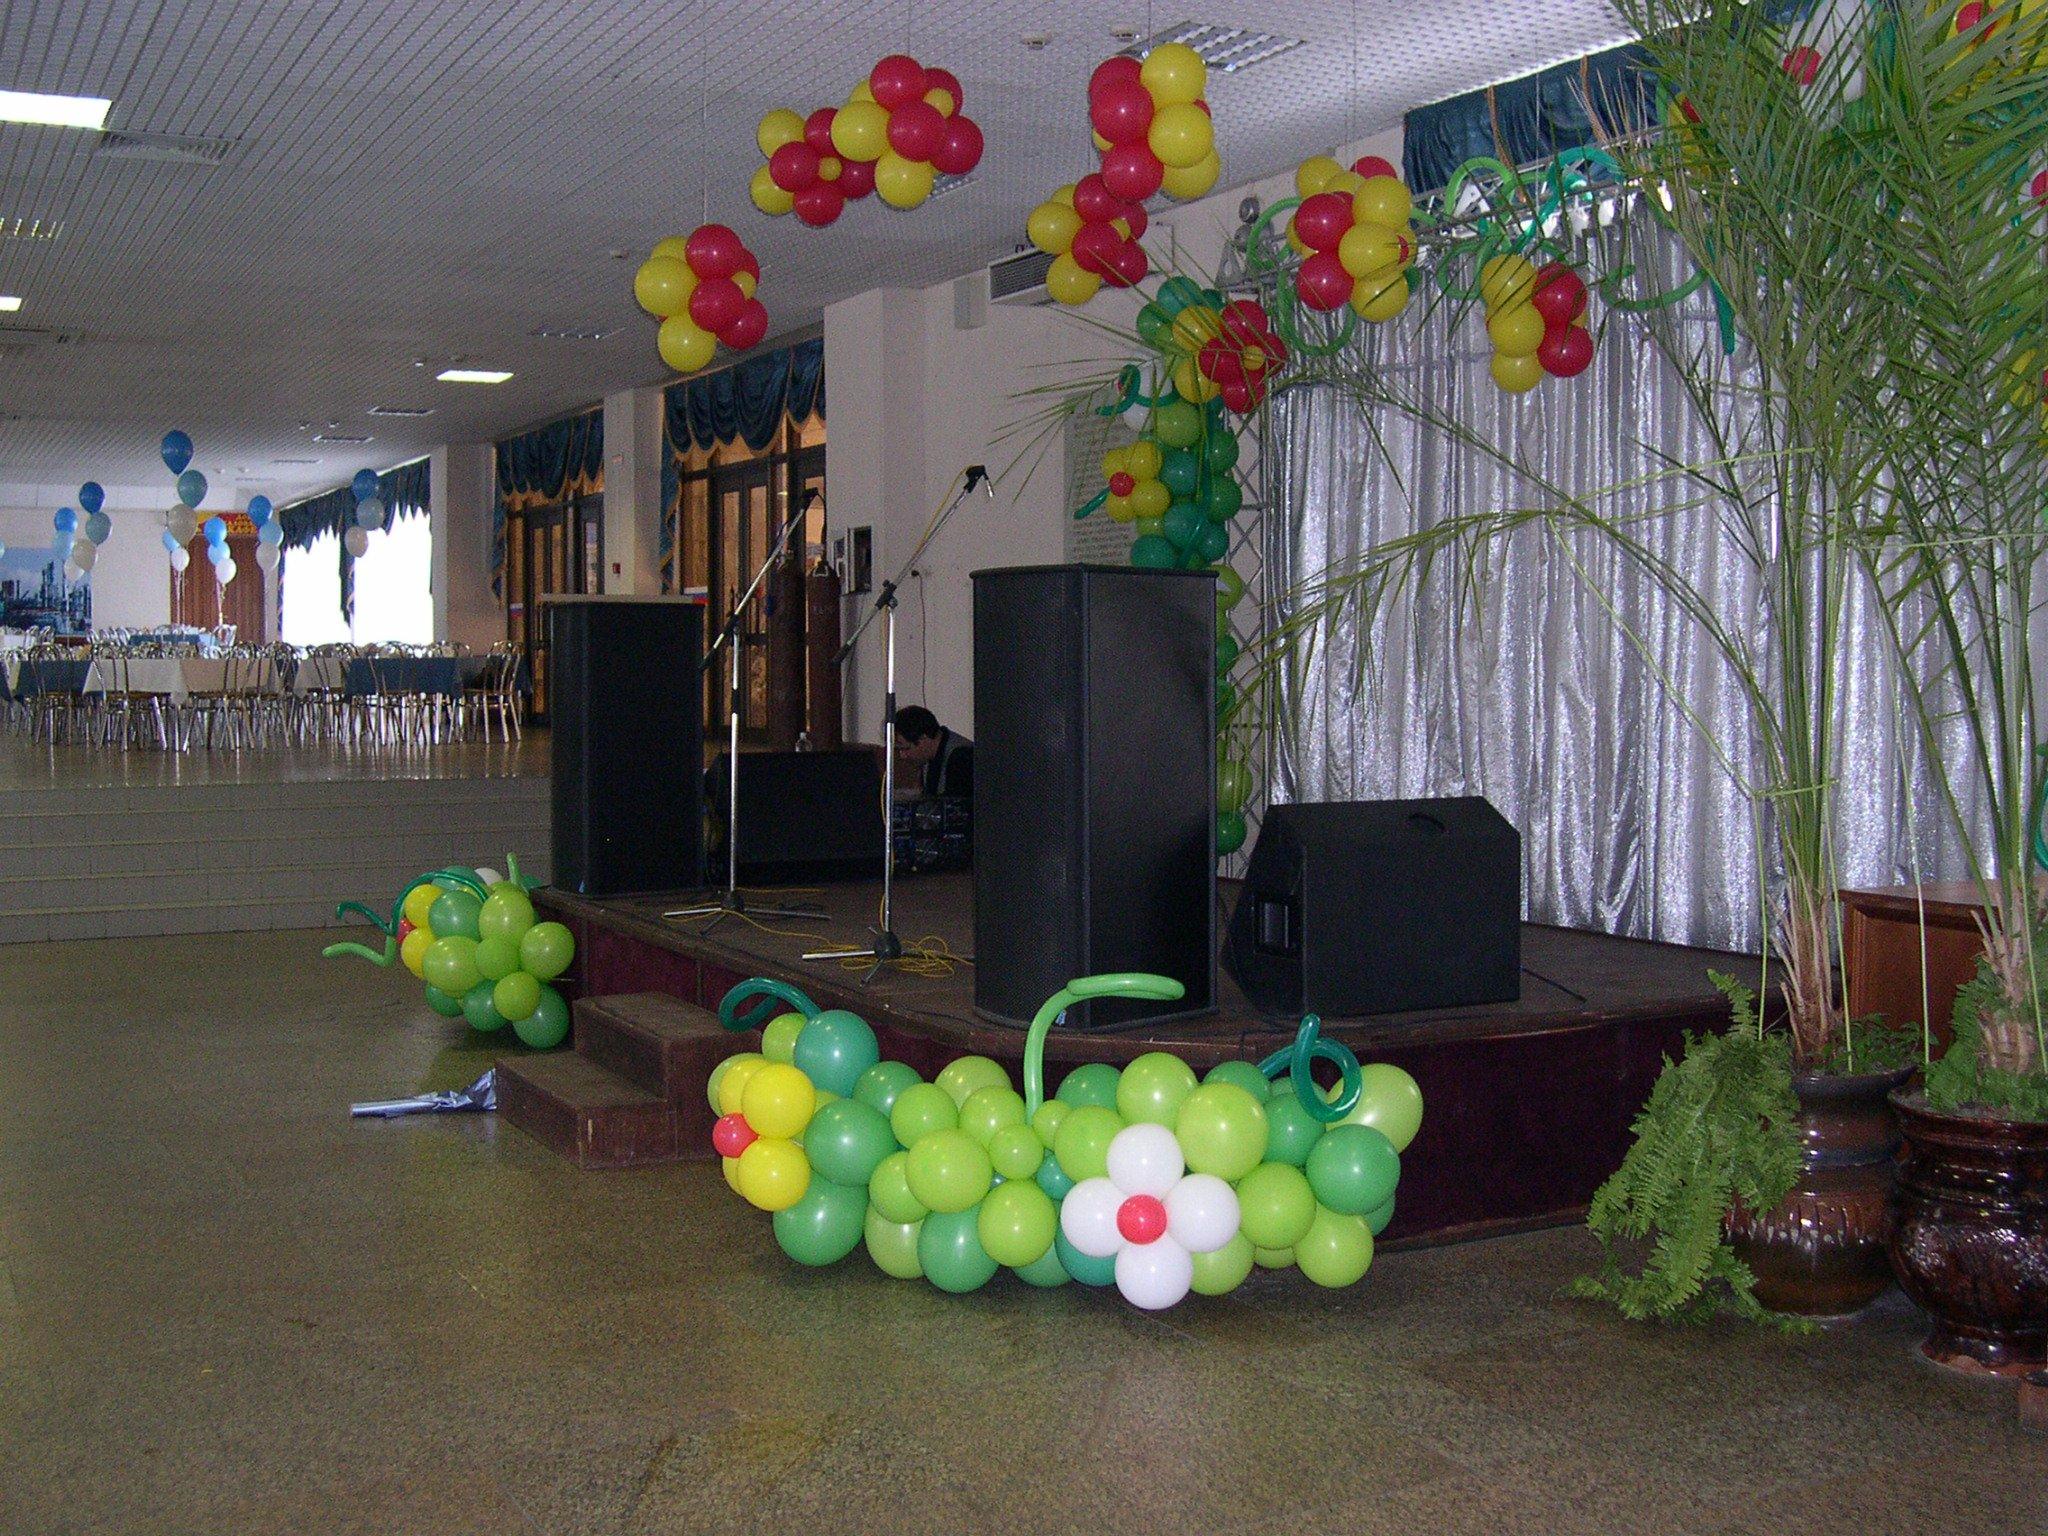 Шарики лучше всего украсят зал на 8 марта